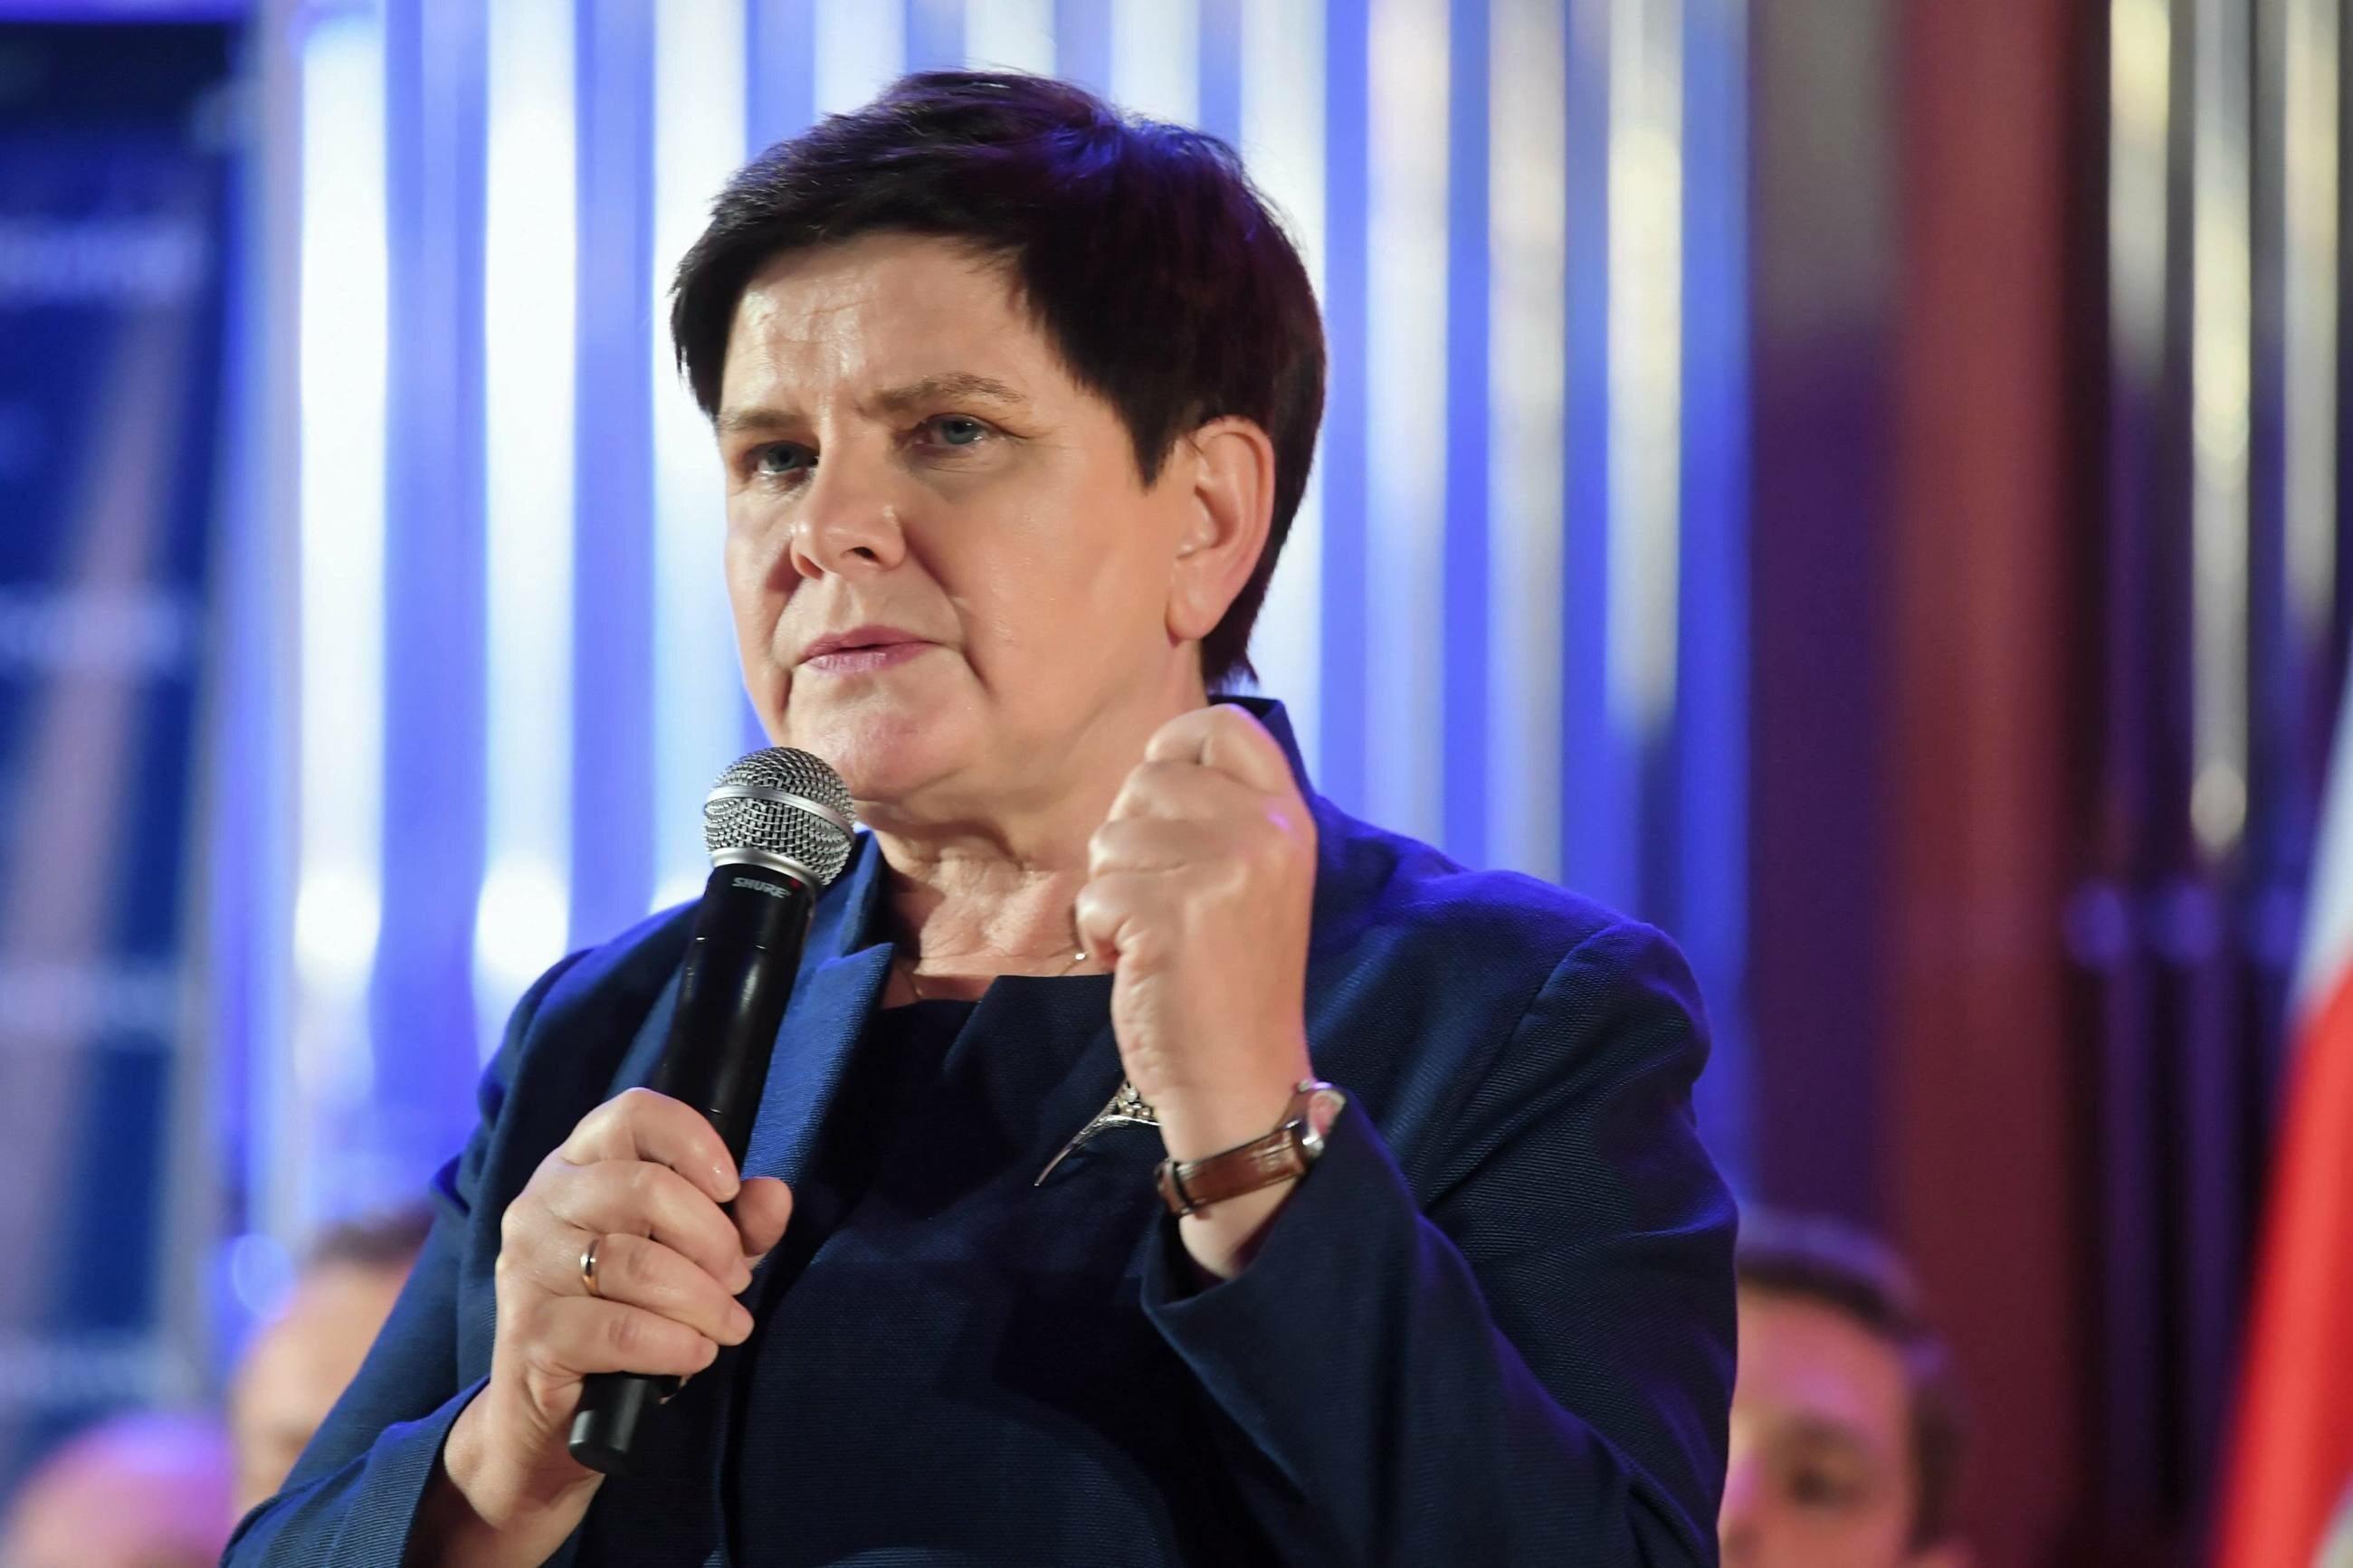 Wicepremier, szefowa Komitetu Społecznego Rady Ministrów Beata Szydło